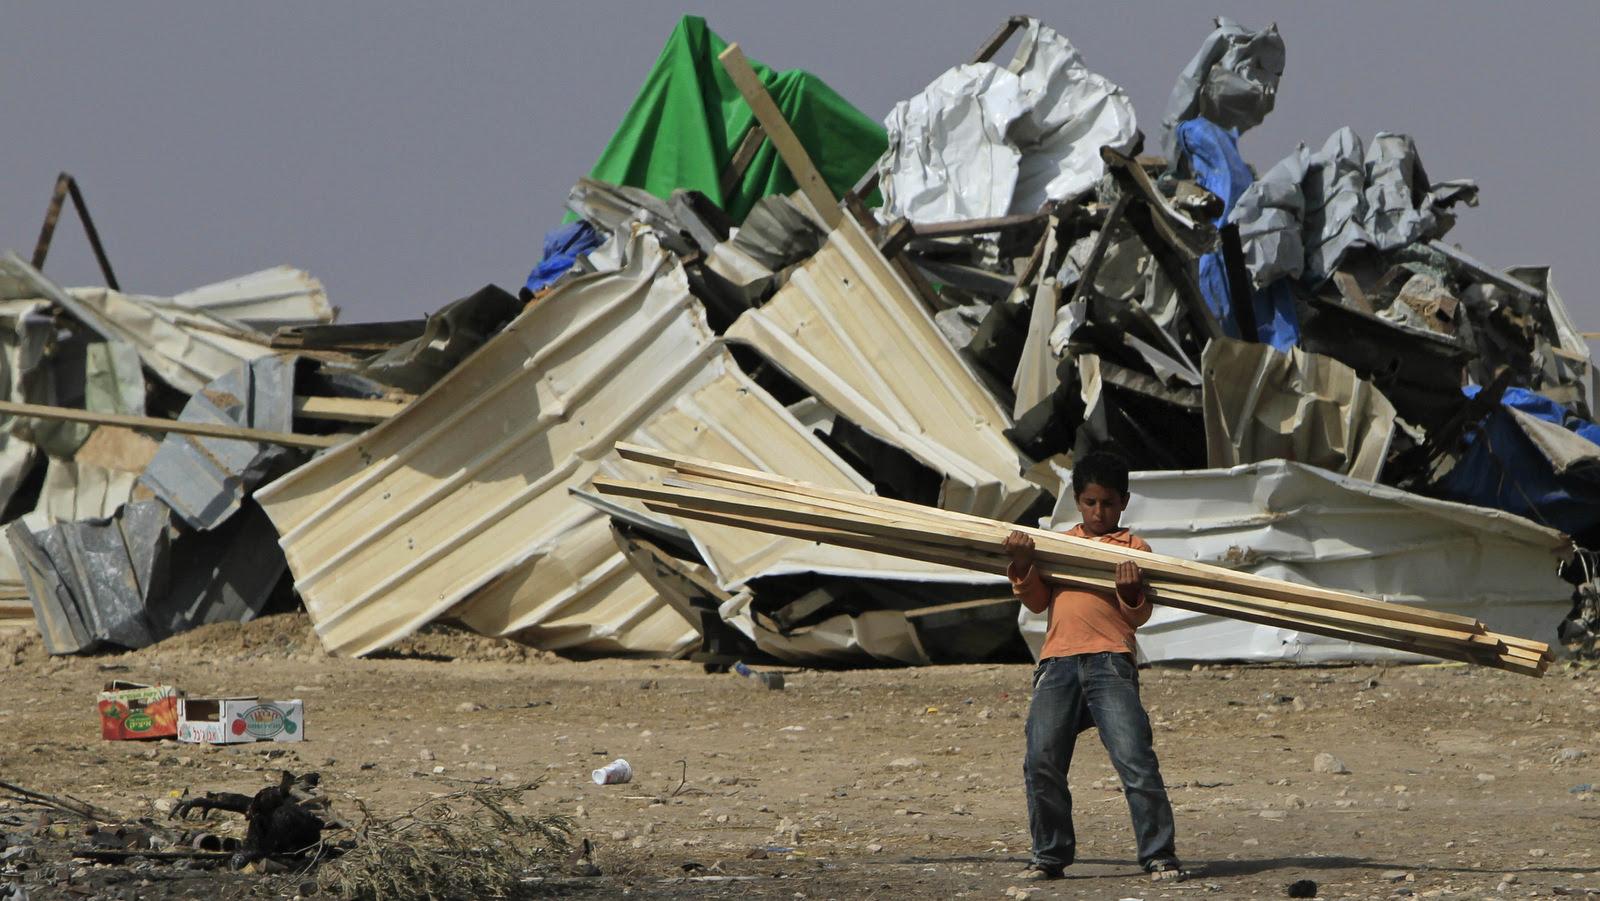 Um menino beduíno carrega madeira depois de demolir sua casa na vila de El Araqib, perto da cidade israelense do sul de Beersheba em 2010. (AP / Tsafrir Abayov)